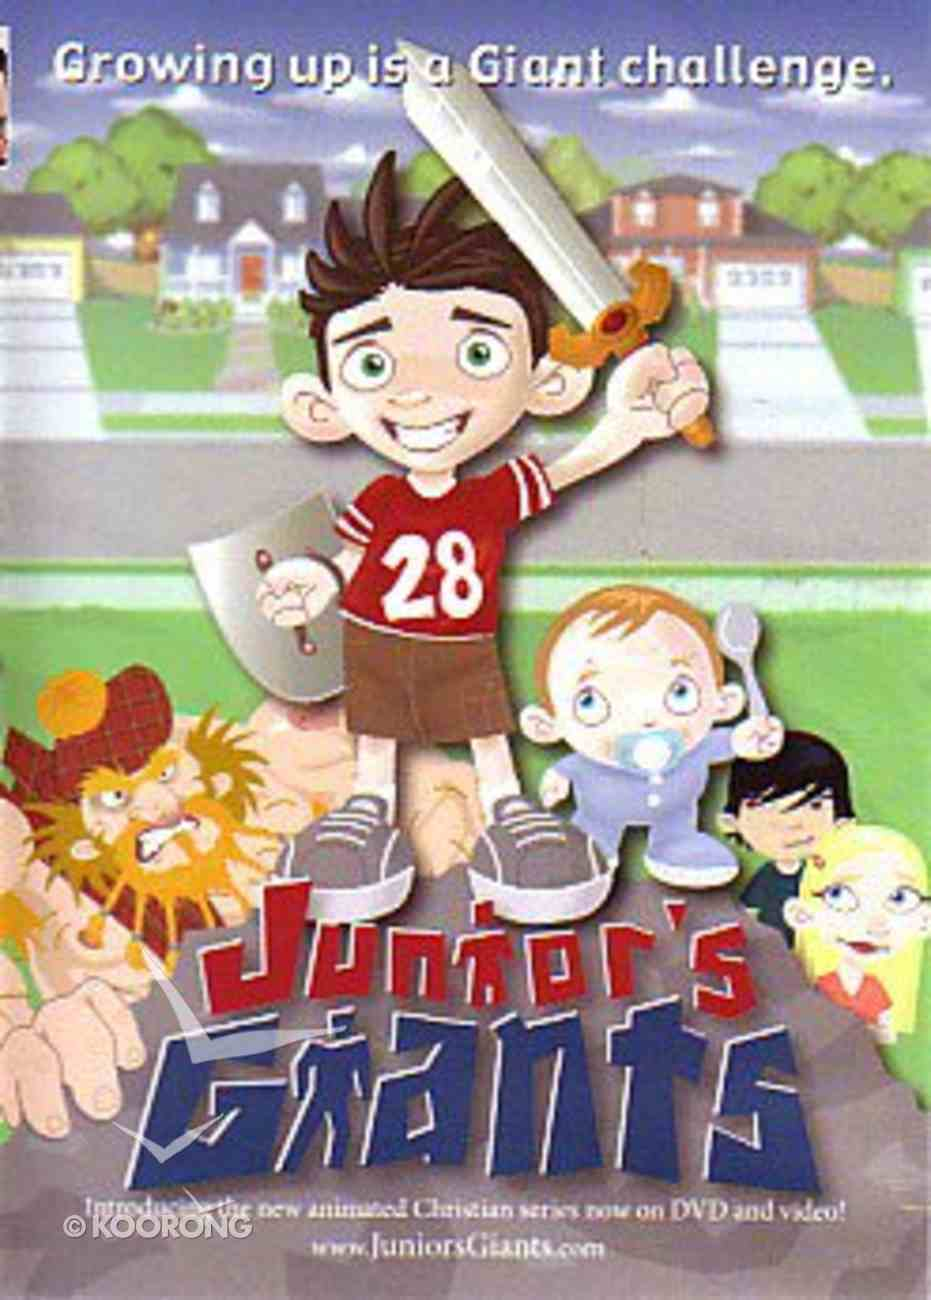 Junior Giants DVD